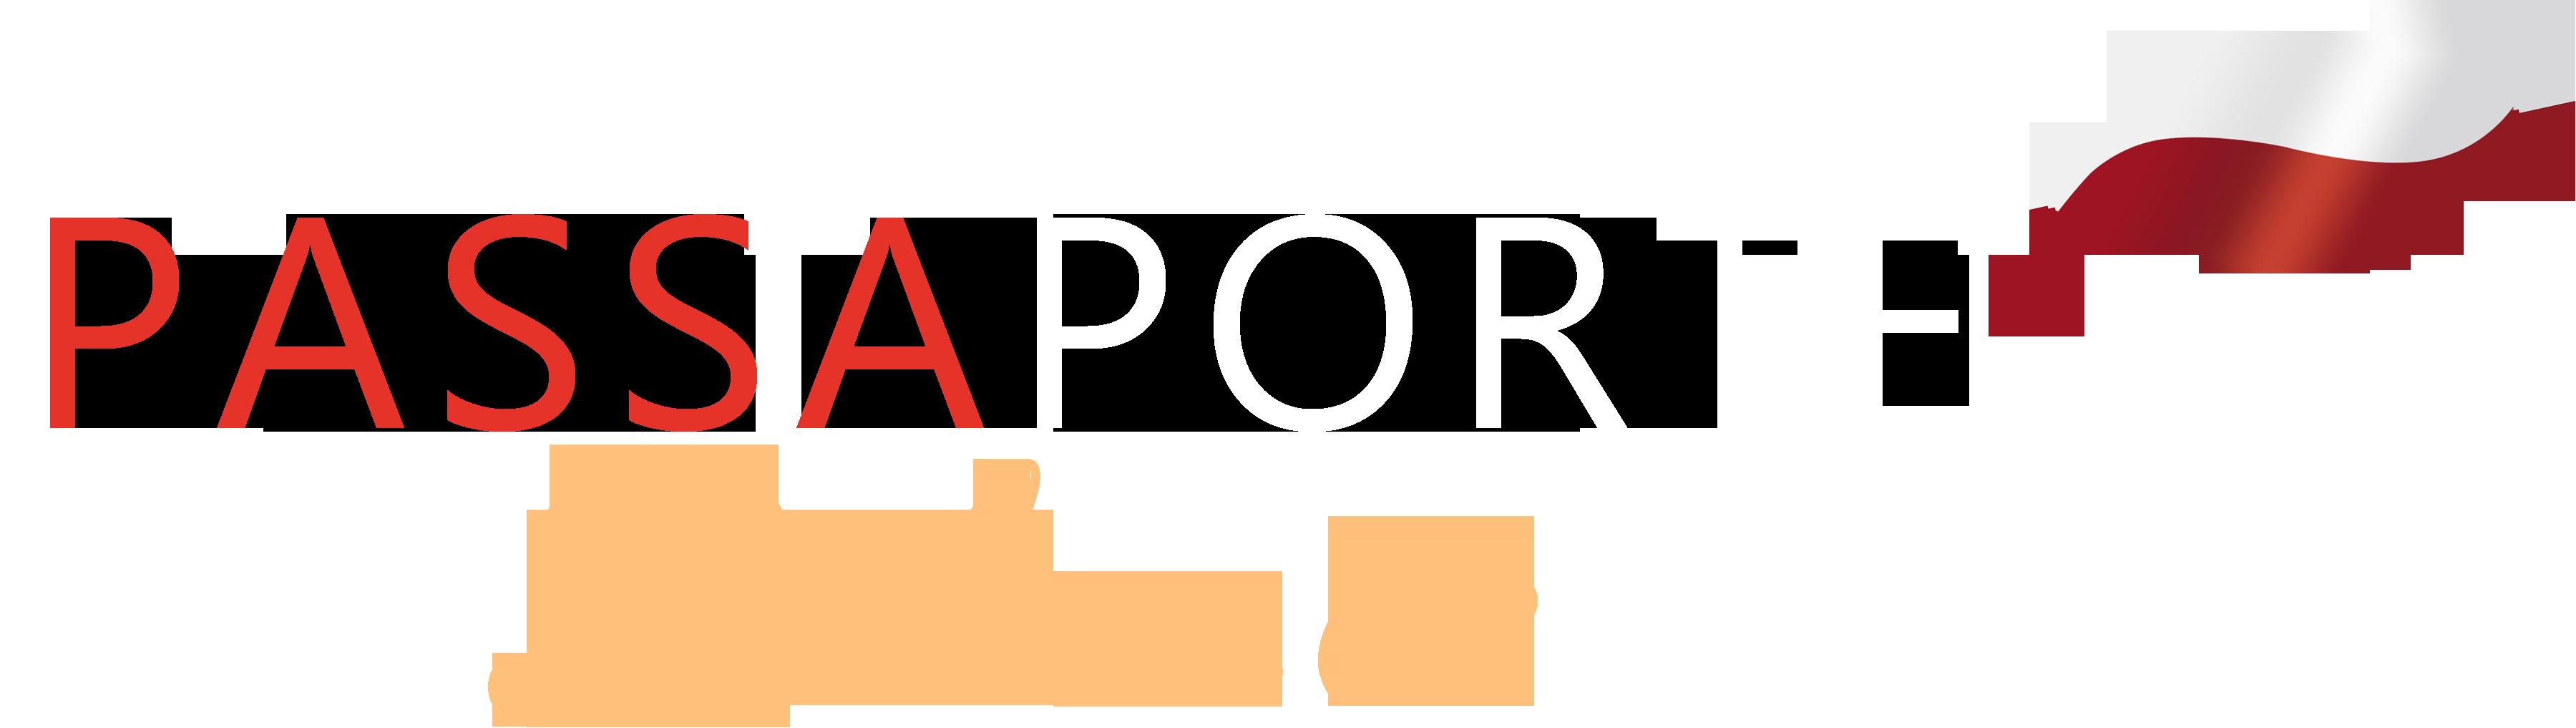 Passaporte Polones